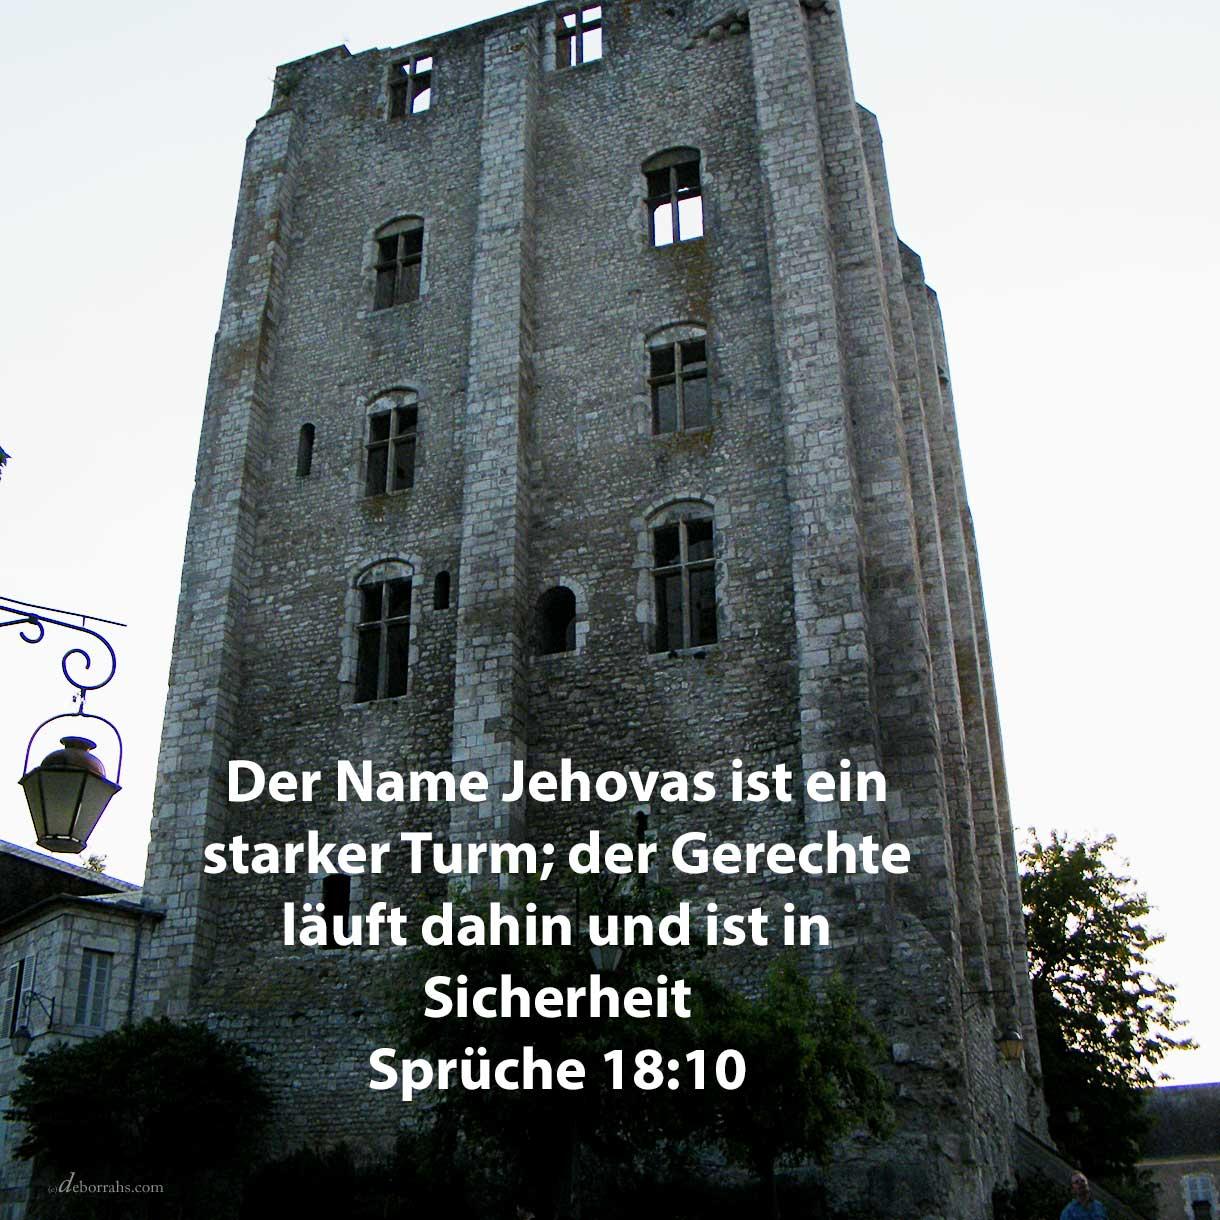 Der Name Jehovas ist ein starker Turm; der Gerechte läuft dahin und ist in Sicherheit ( Sprüche 18,10 )